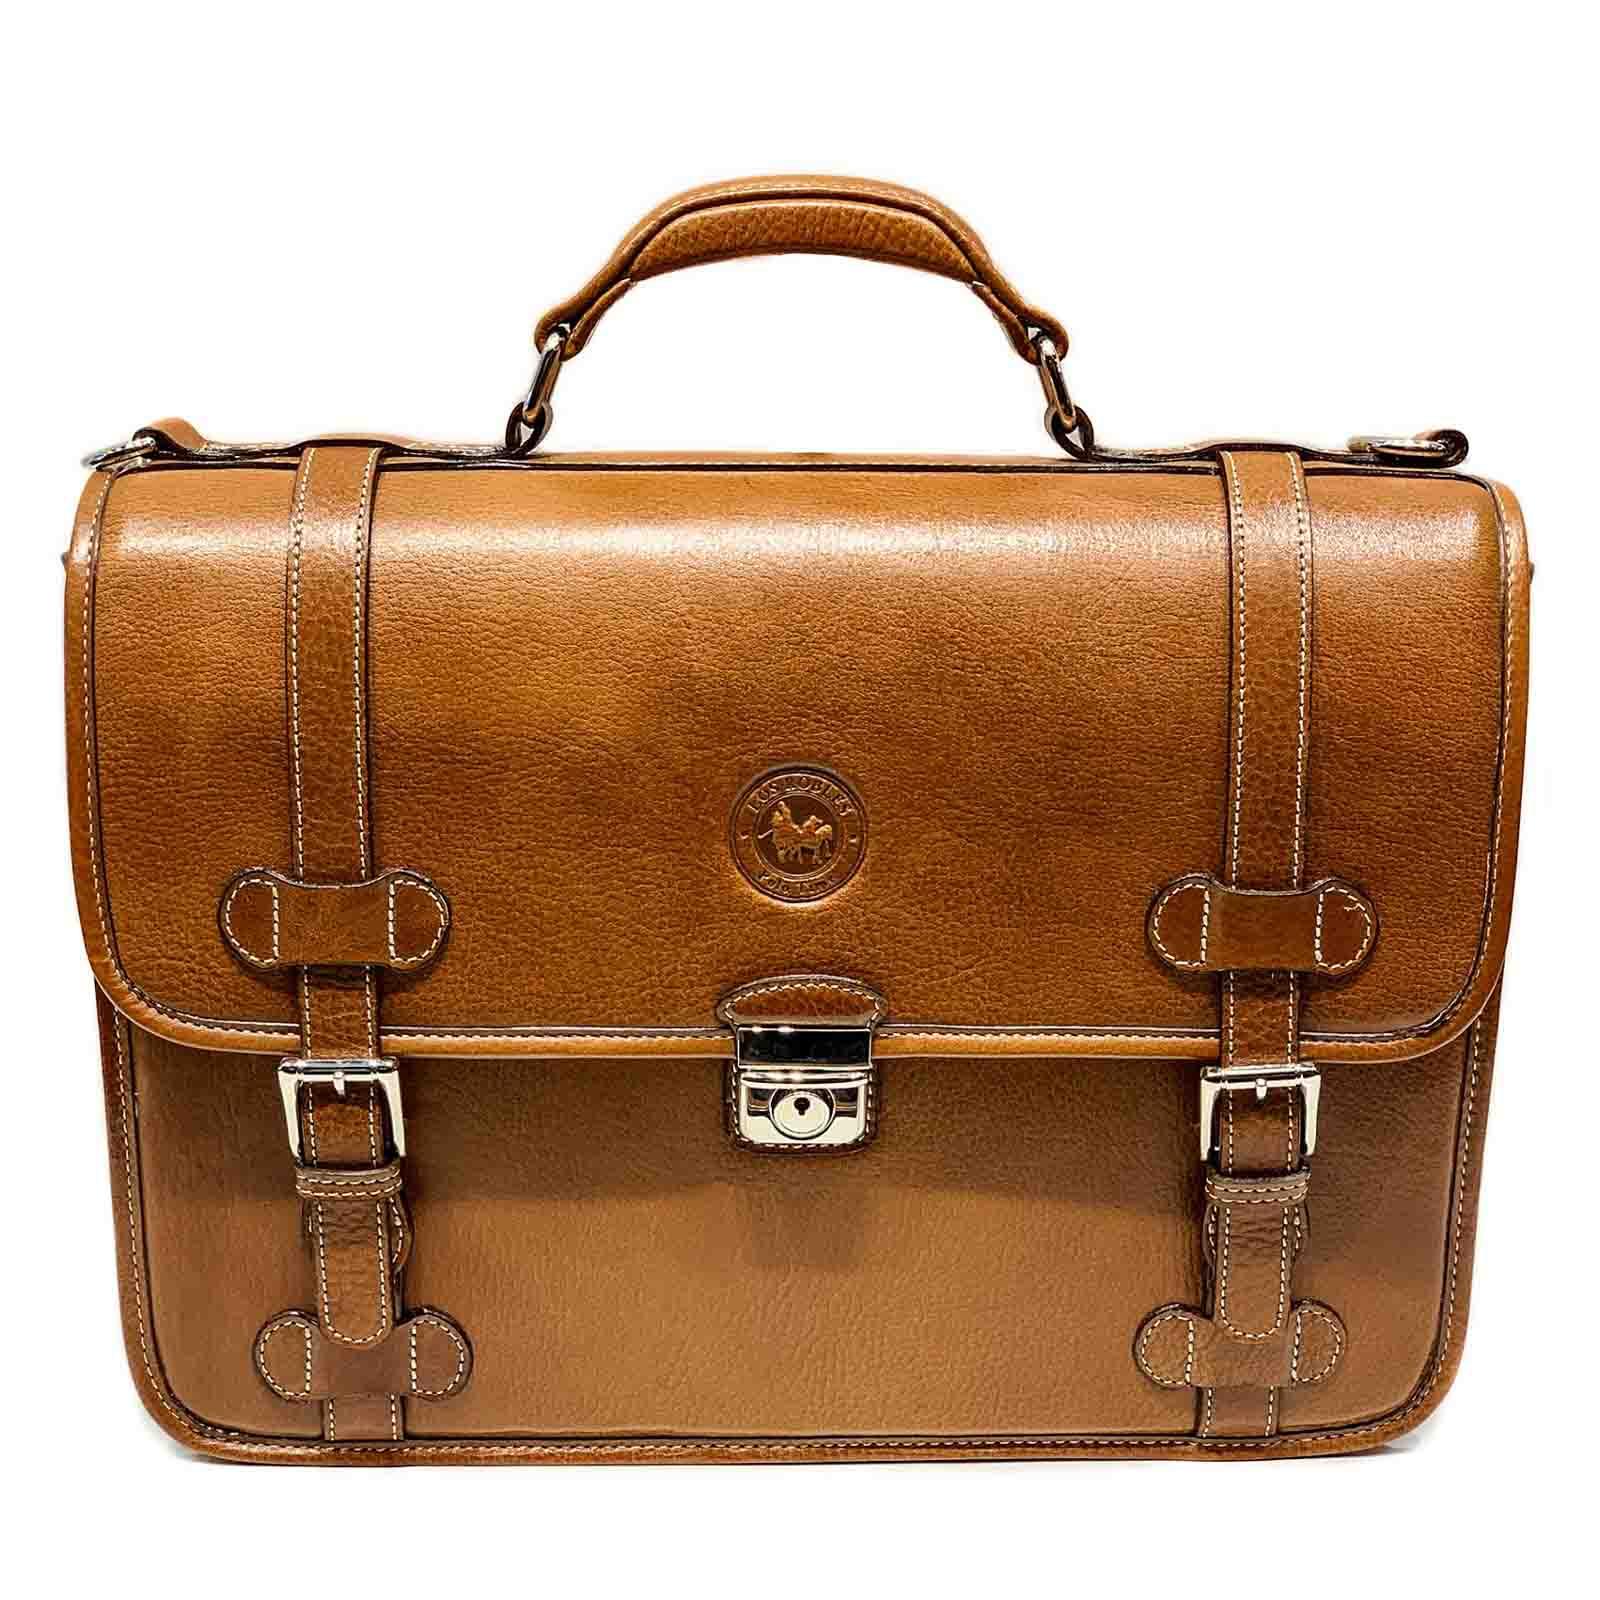 maletines-de-cuero-hombre-ejecutivo-032754web.jpg